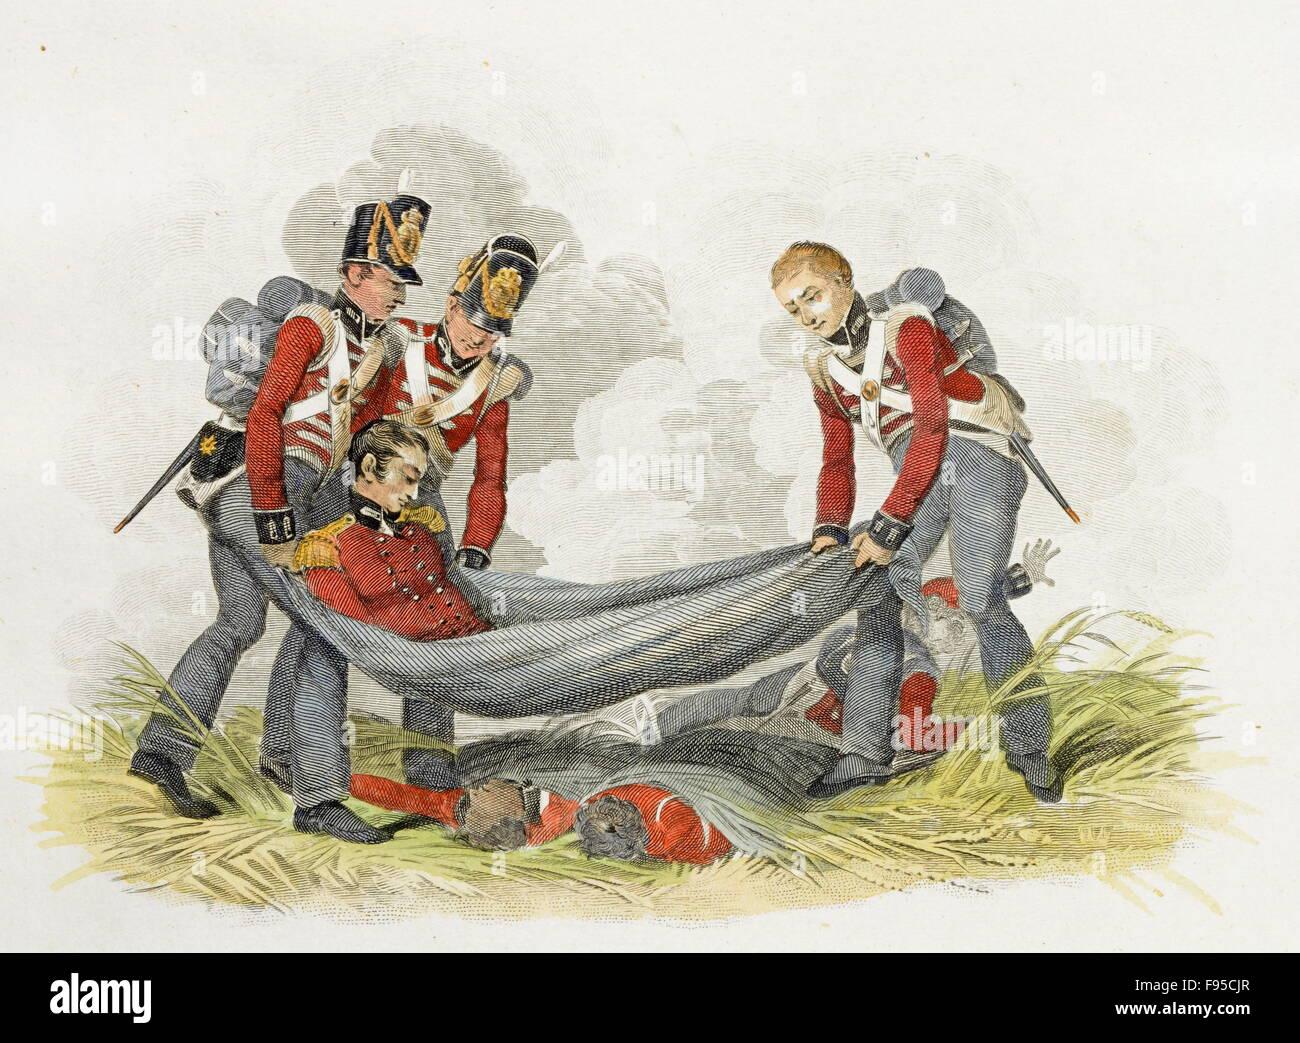 Battle of Waterloo. - Stock Image